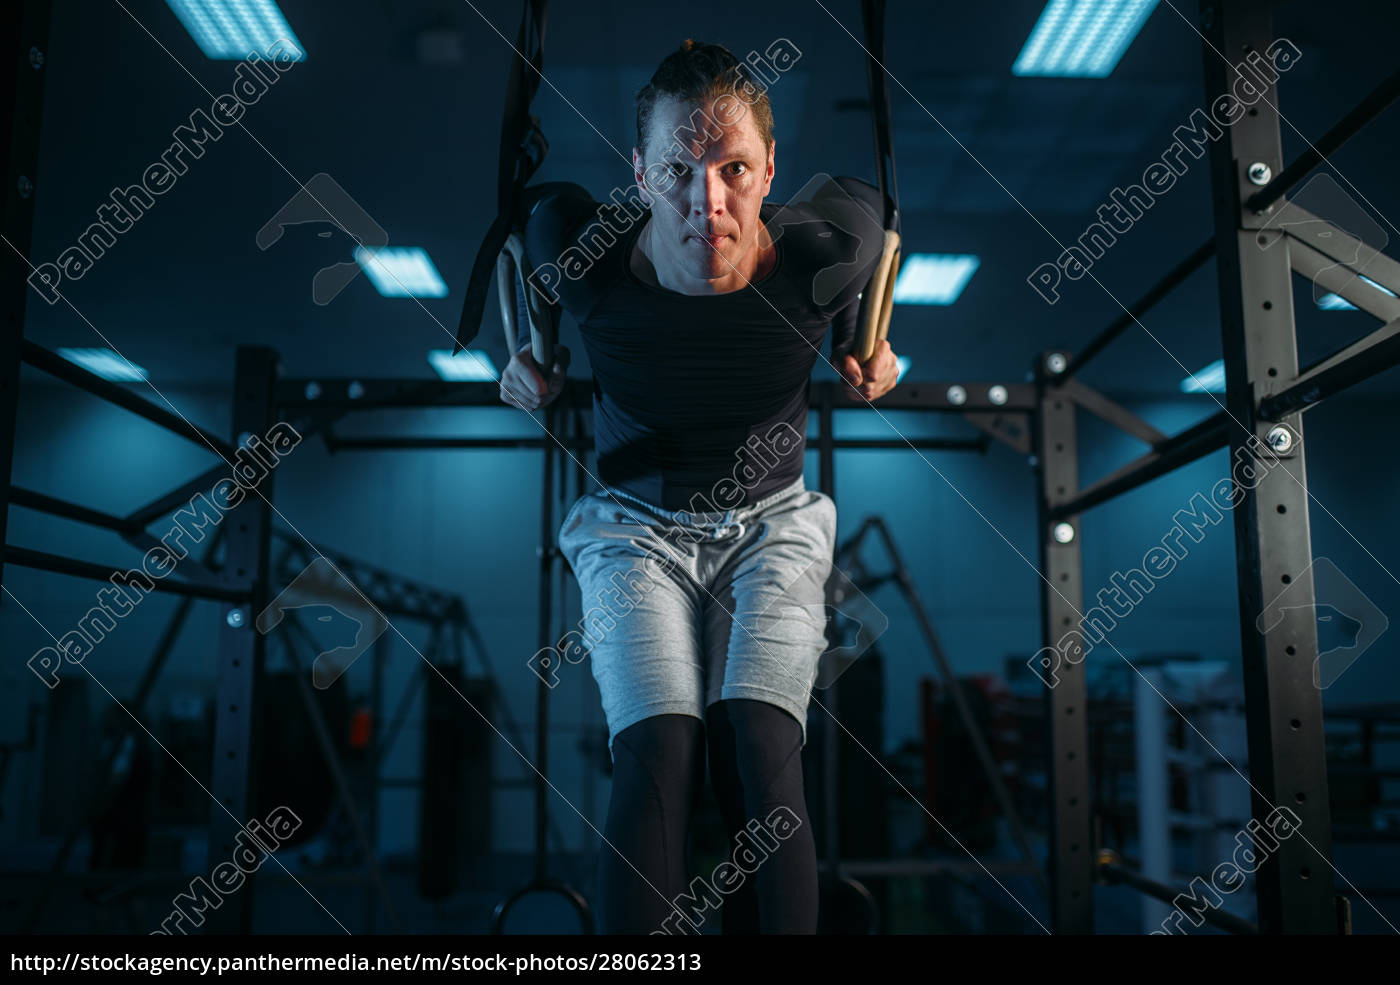 athlete, on, training, , exercise, on, gimnastic - 28062313